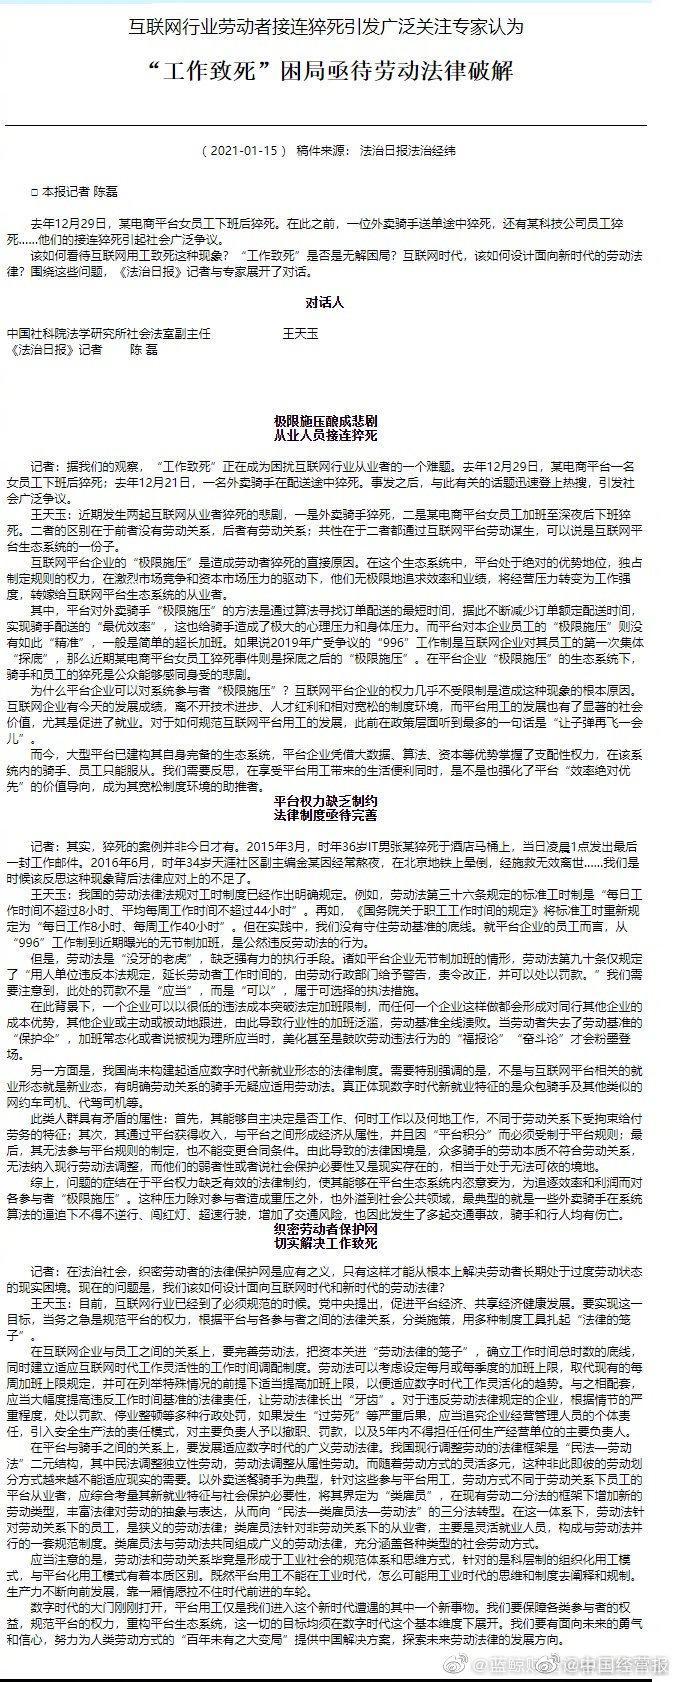 中国社科院专家谈劳动法 :工作致死困局亟待劳动法律破解